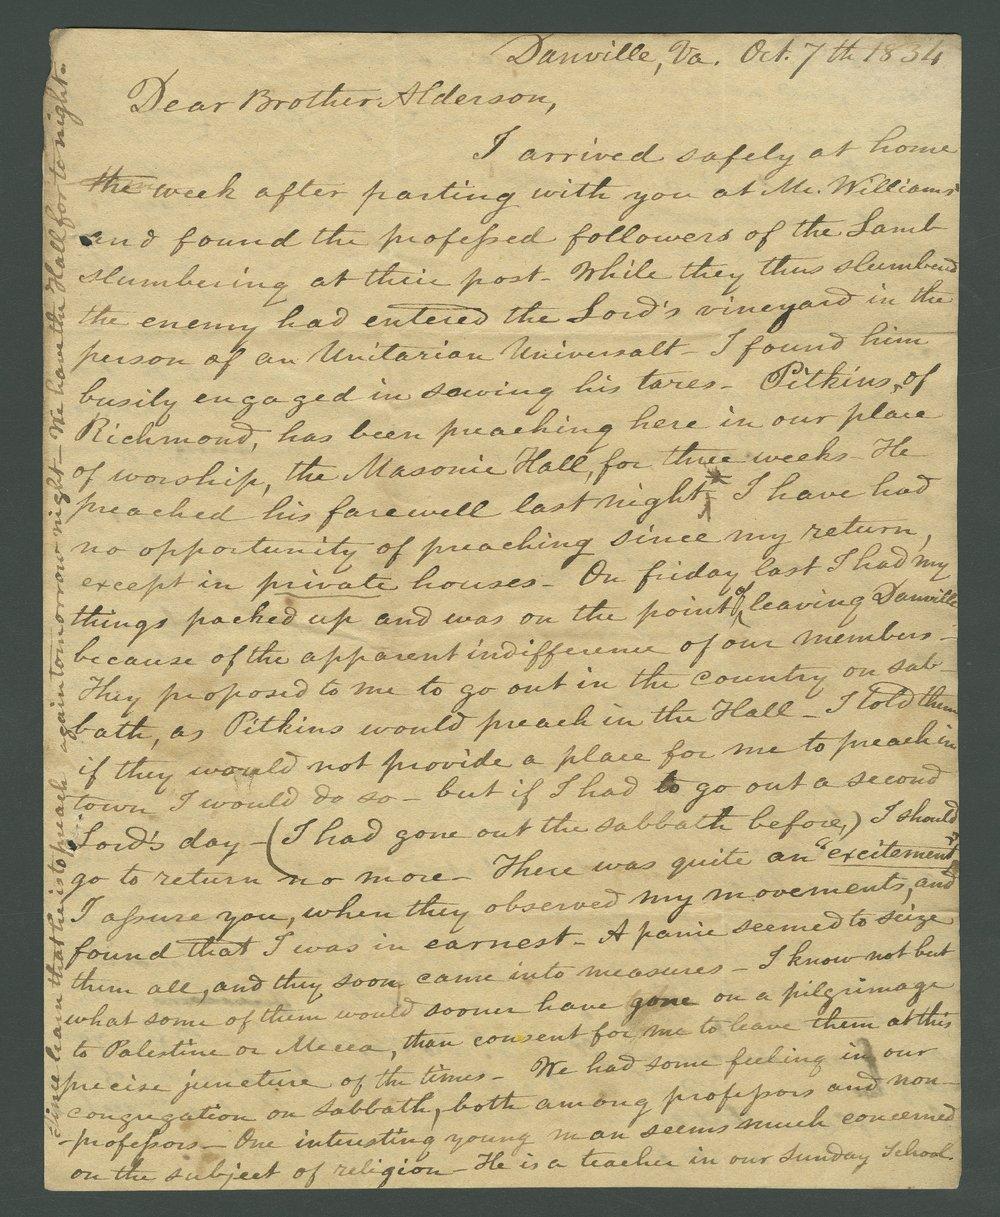 Joseph L. Baker to Lewis Allen Alderson - 1